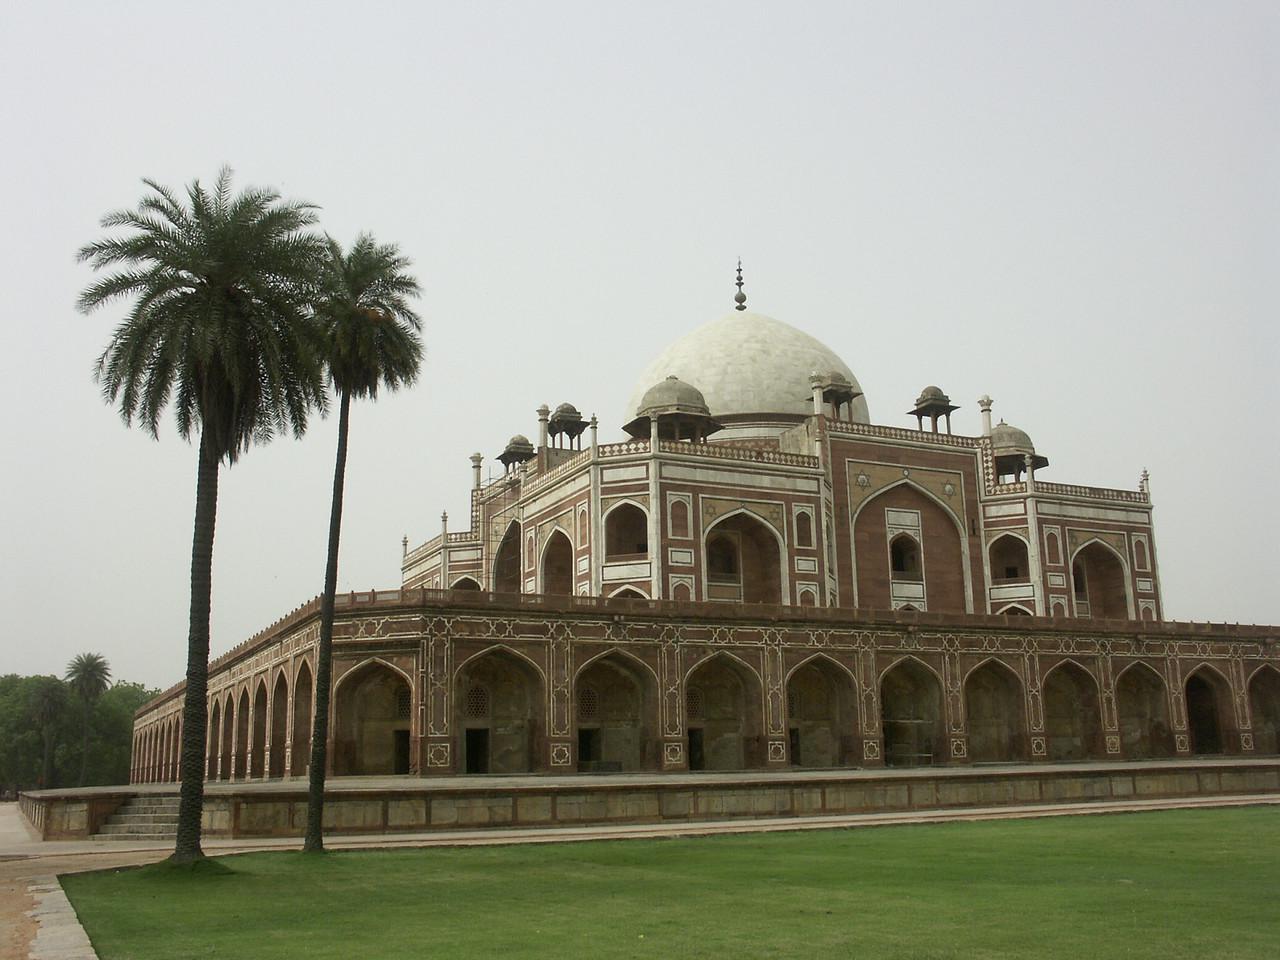 Delhi, India: Humayun's Tomb